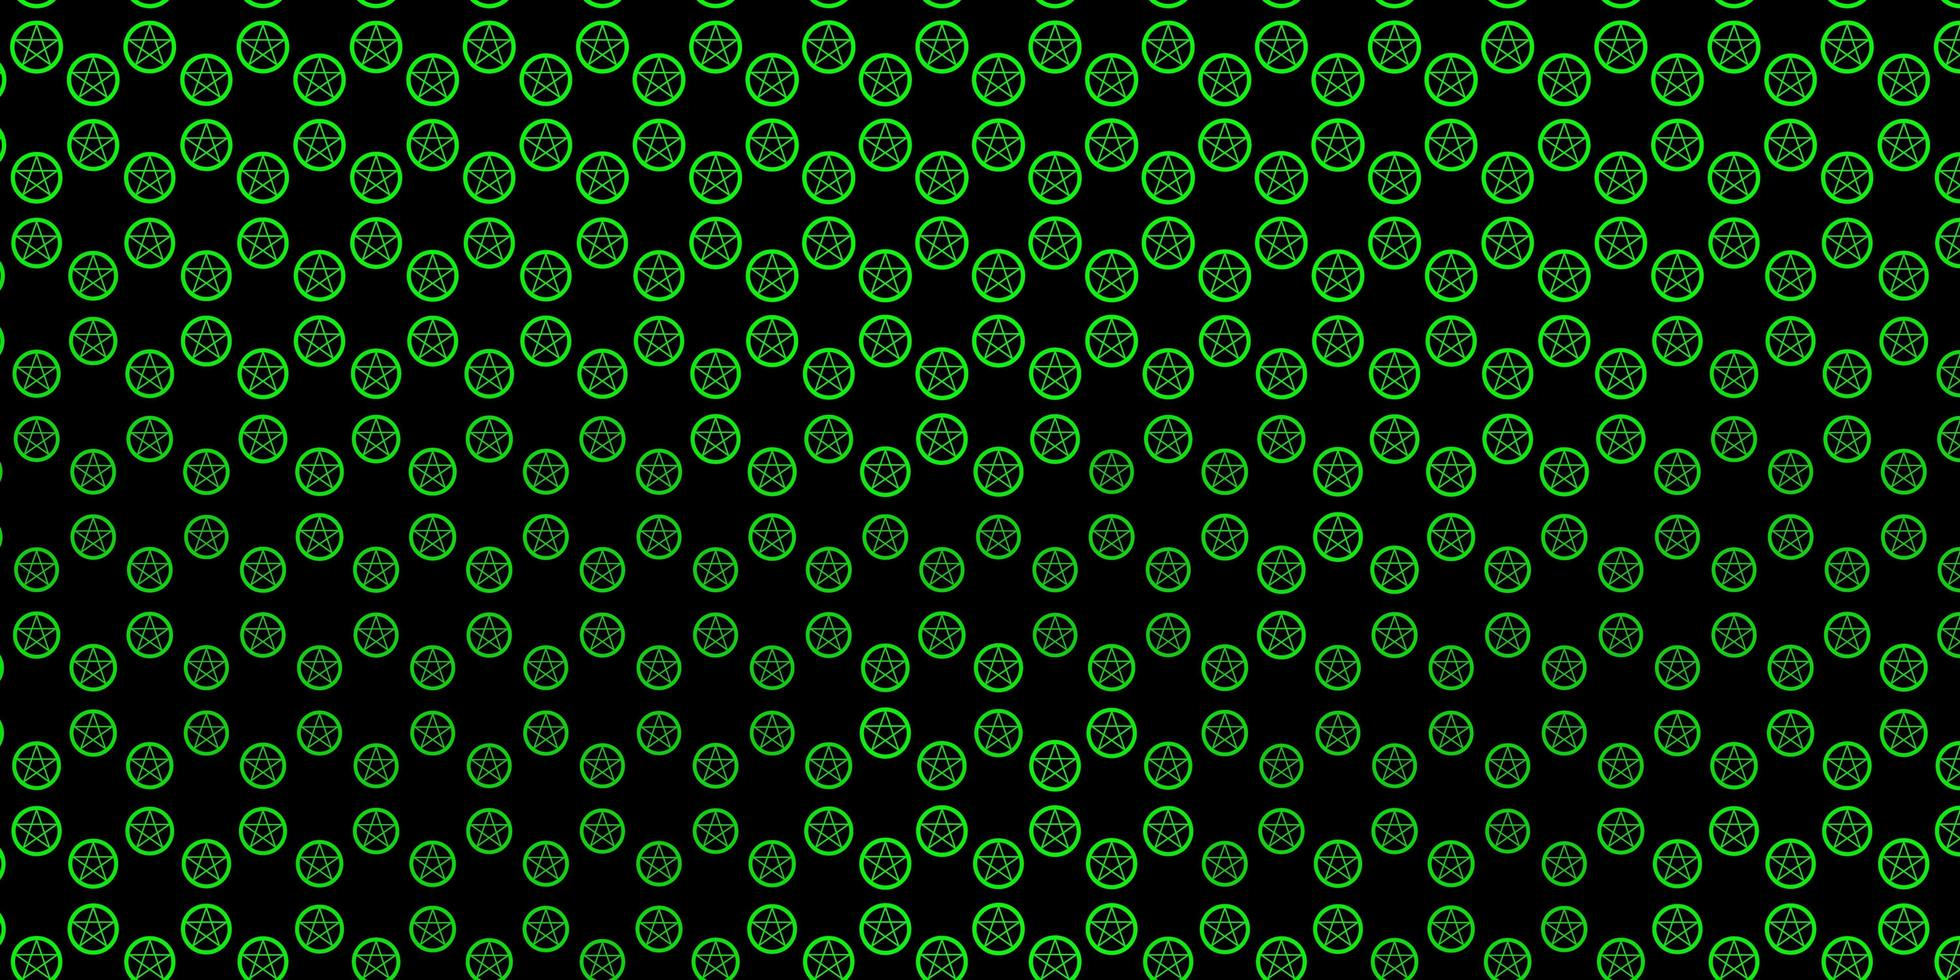 dunkelgrüne Vektorbeschaffenheit mit Religionssymbolen. vektor